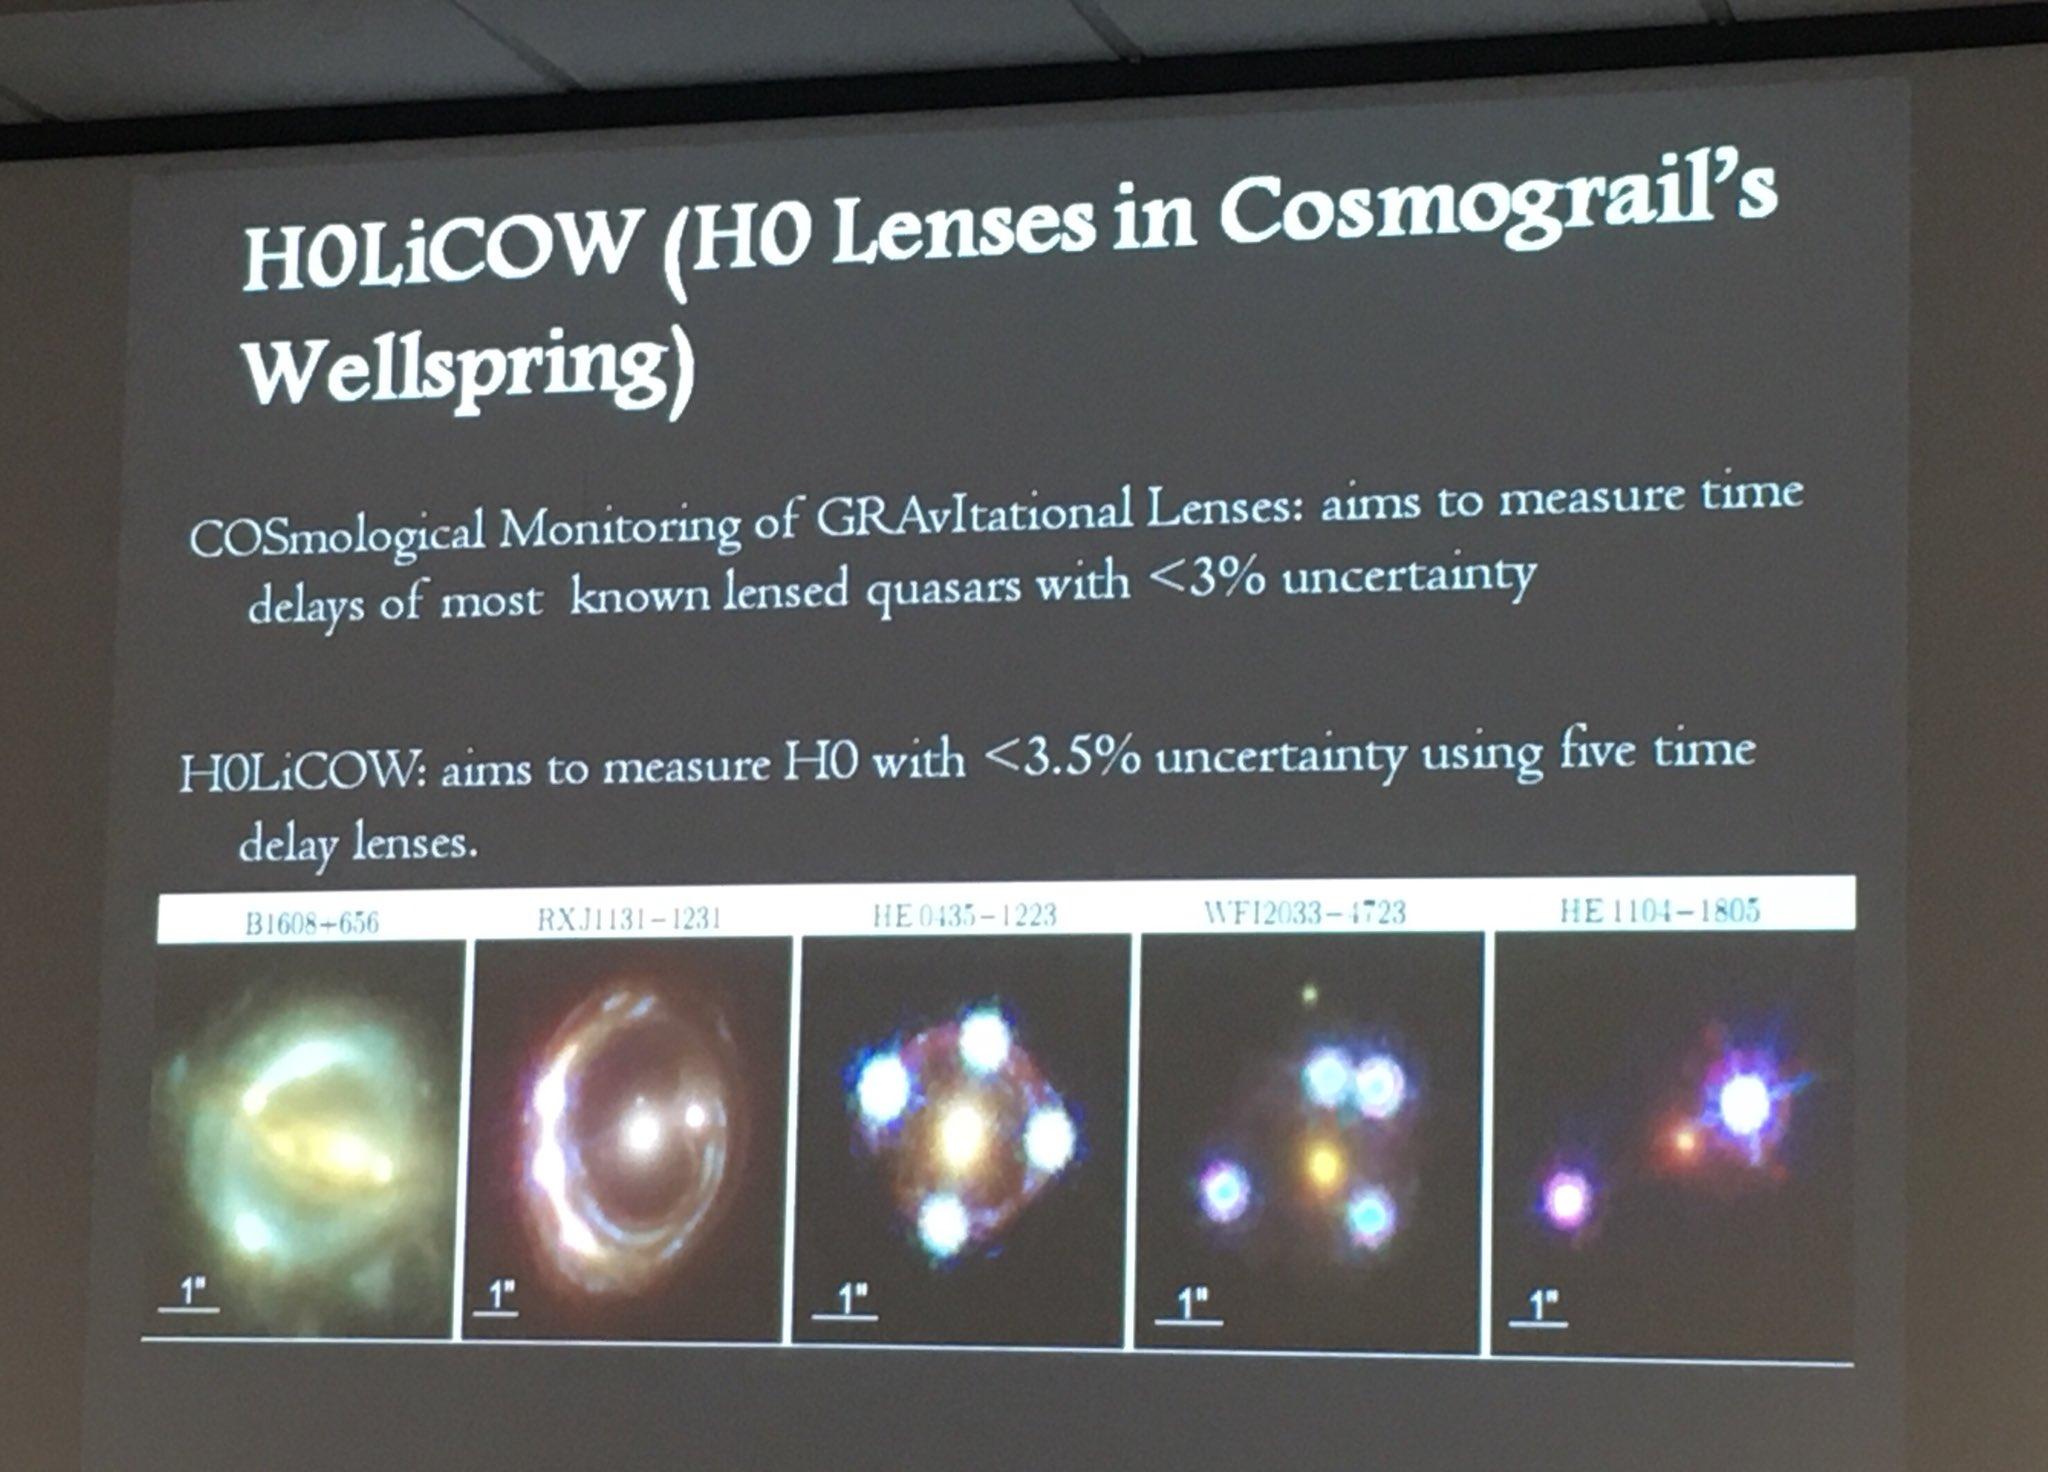 新觀測發現鄰近宇宙膨脹更快 科學家驚訝 @ Win Driver Blog :: 痞客邦